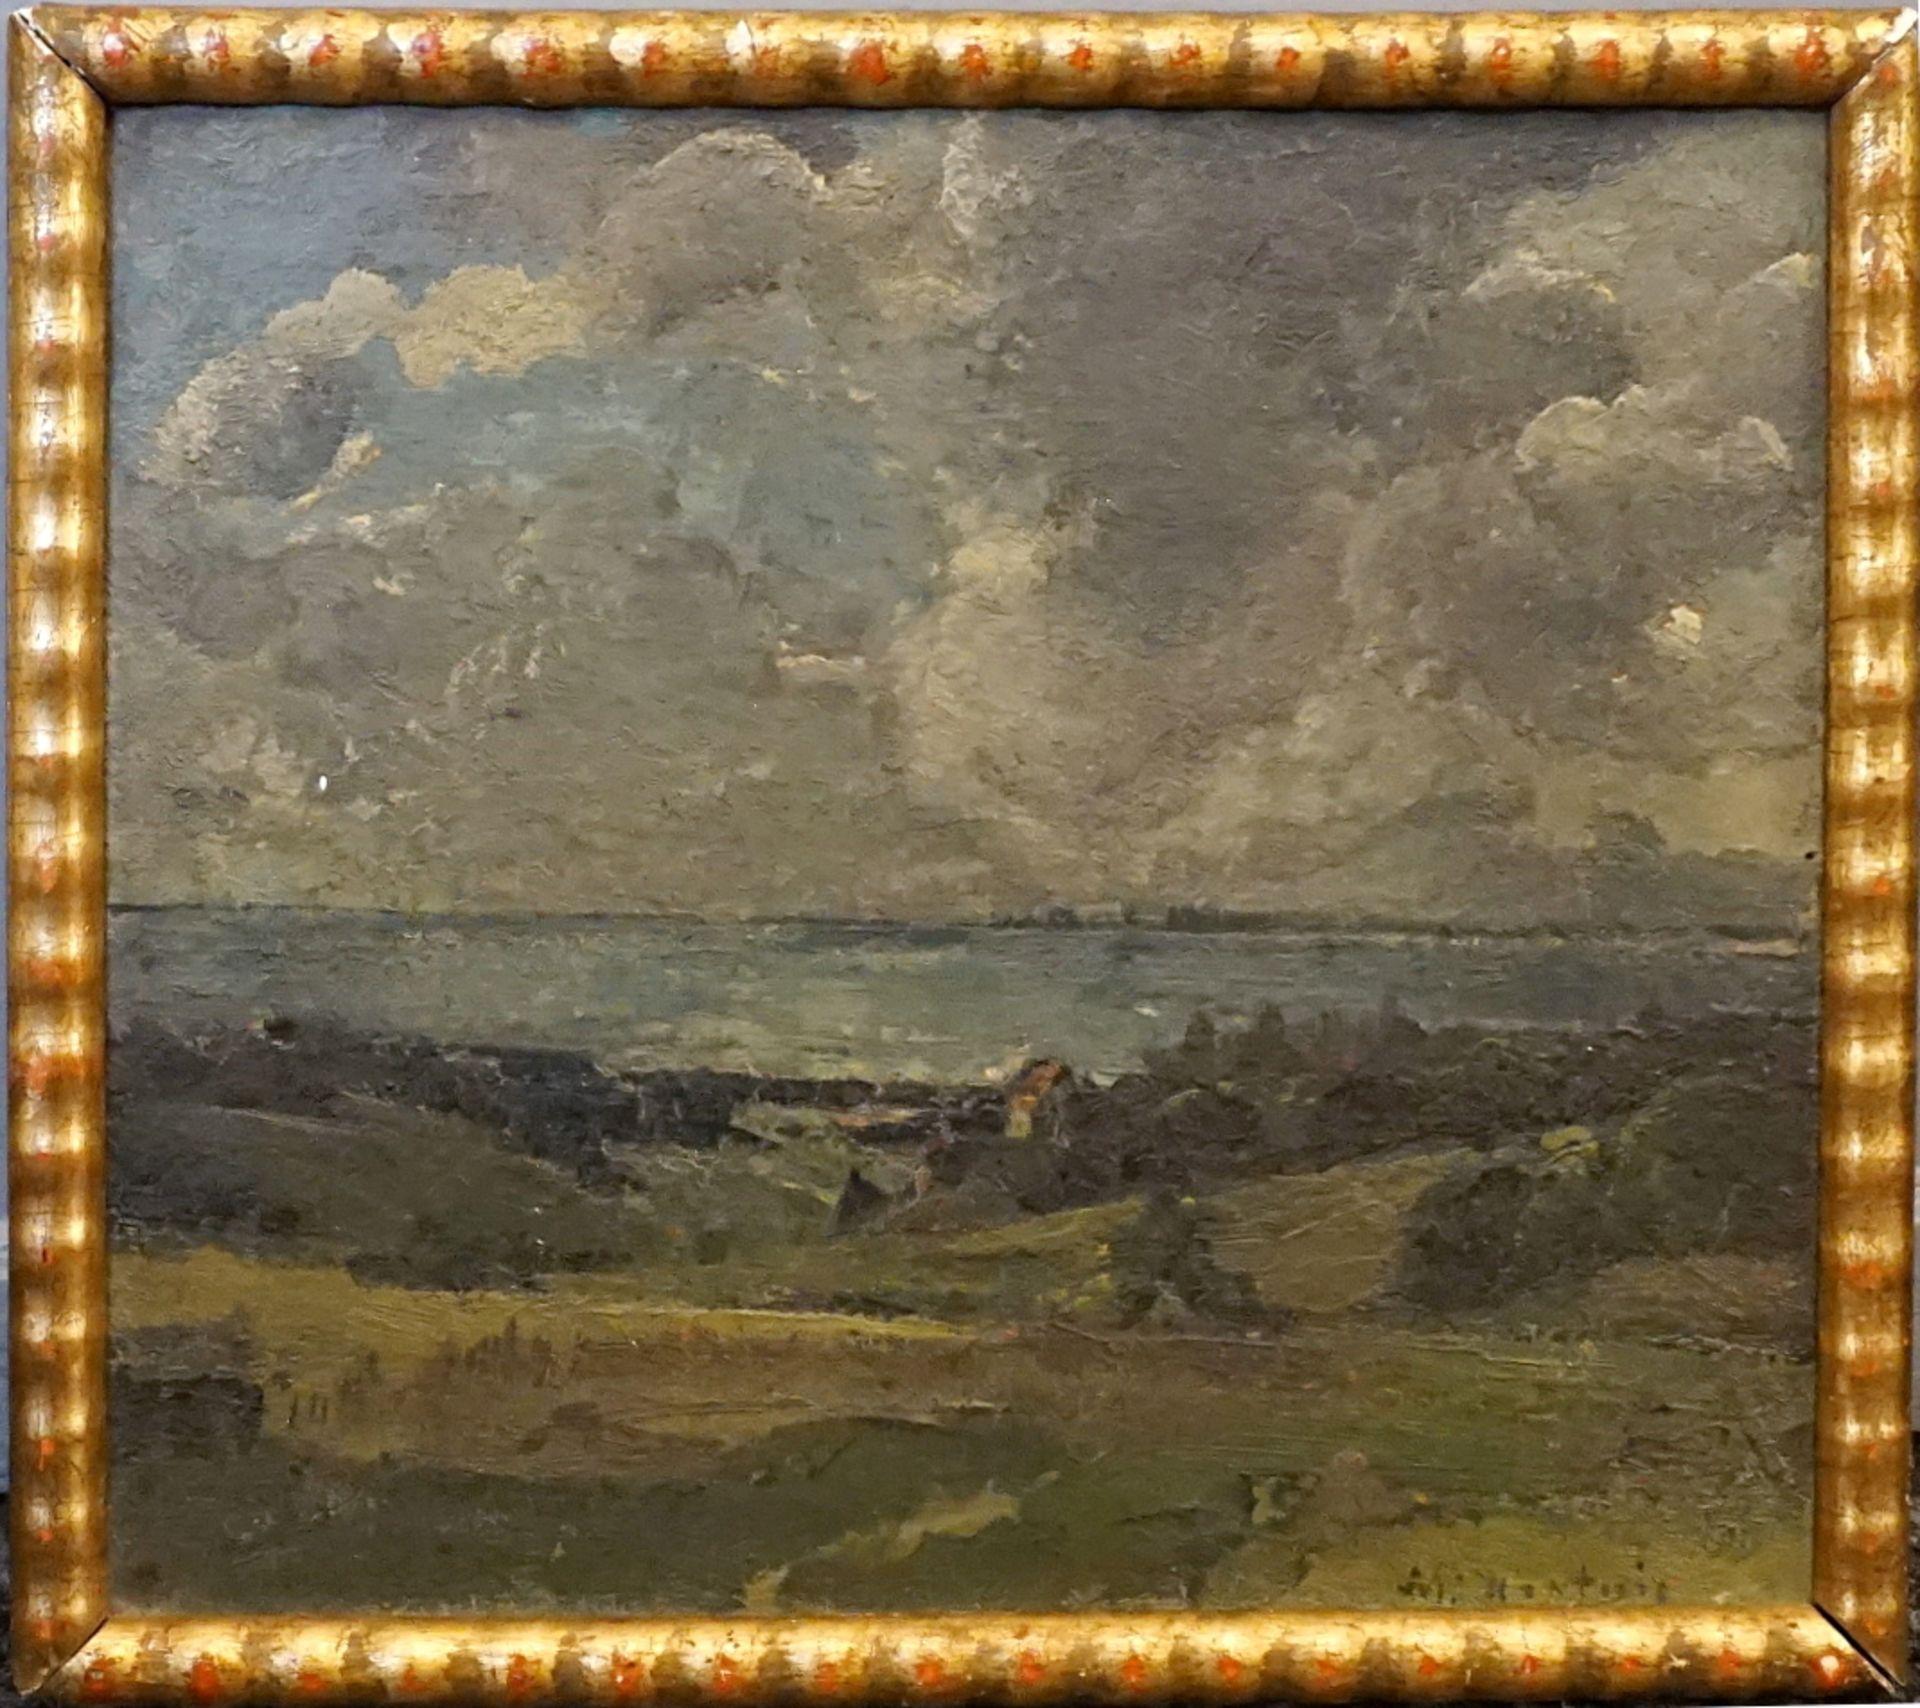 """1 Ölgemälde """"Süddeutsche Seenlandschaft"""" R.u. sign. M. HARDWIG (wohl Max H. 1873-19 - Bild 2 aus 2"""